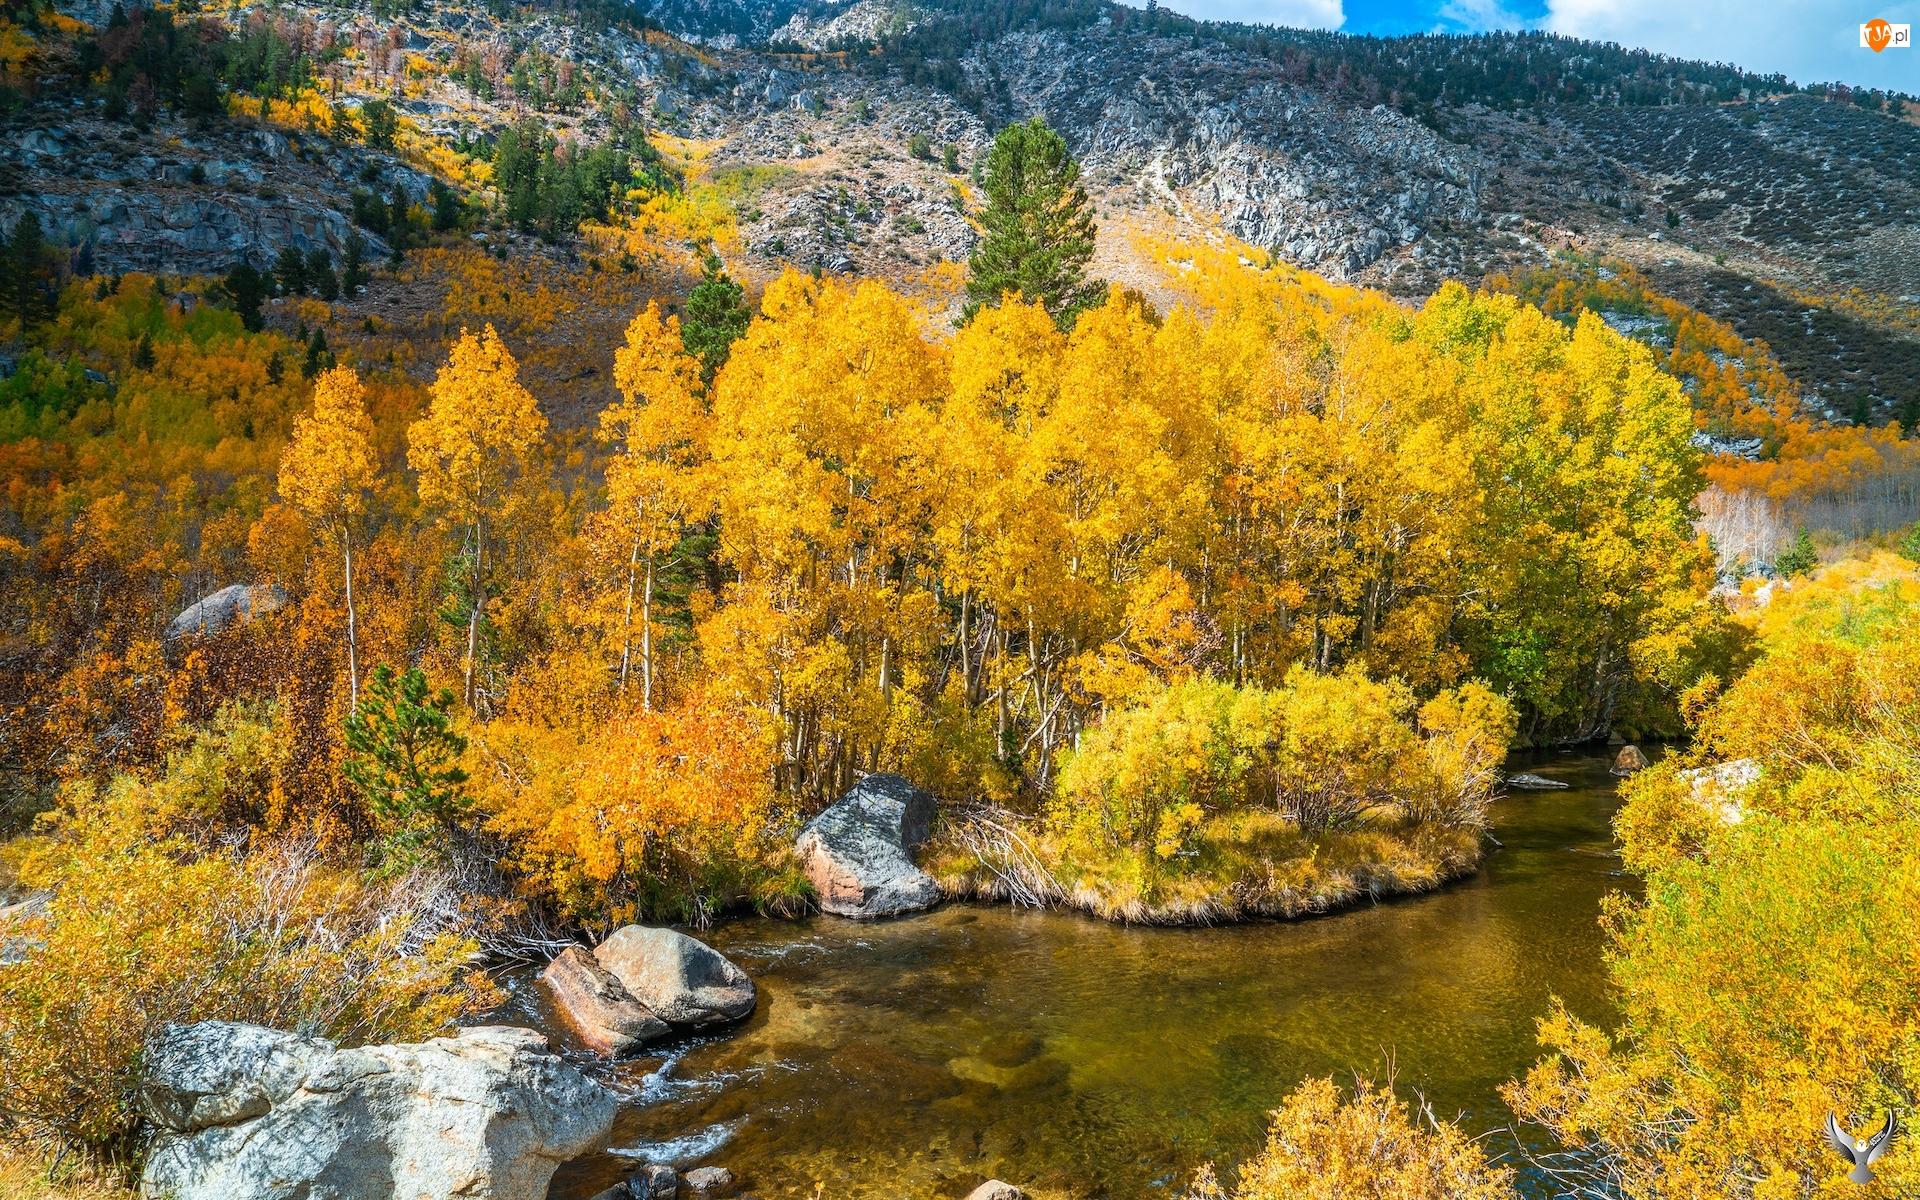 Stany Zjednoczone, Bishop Creek, Kalifornia, Drzewa, Góry, Jesień, Krzewy, Rzeka, Pożółkłe